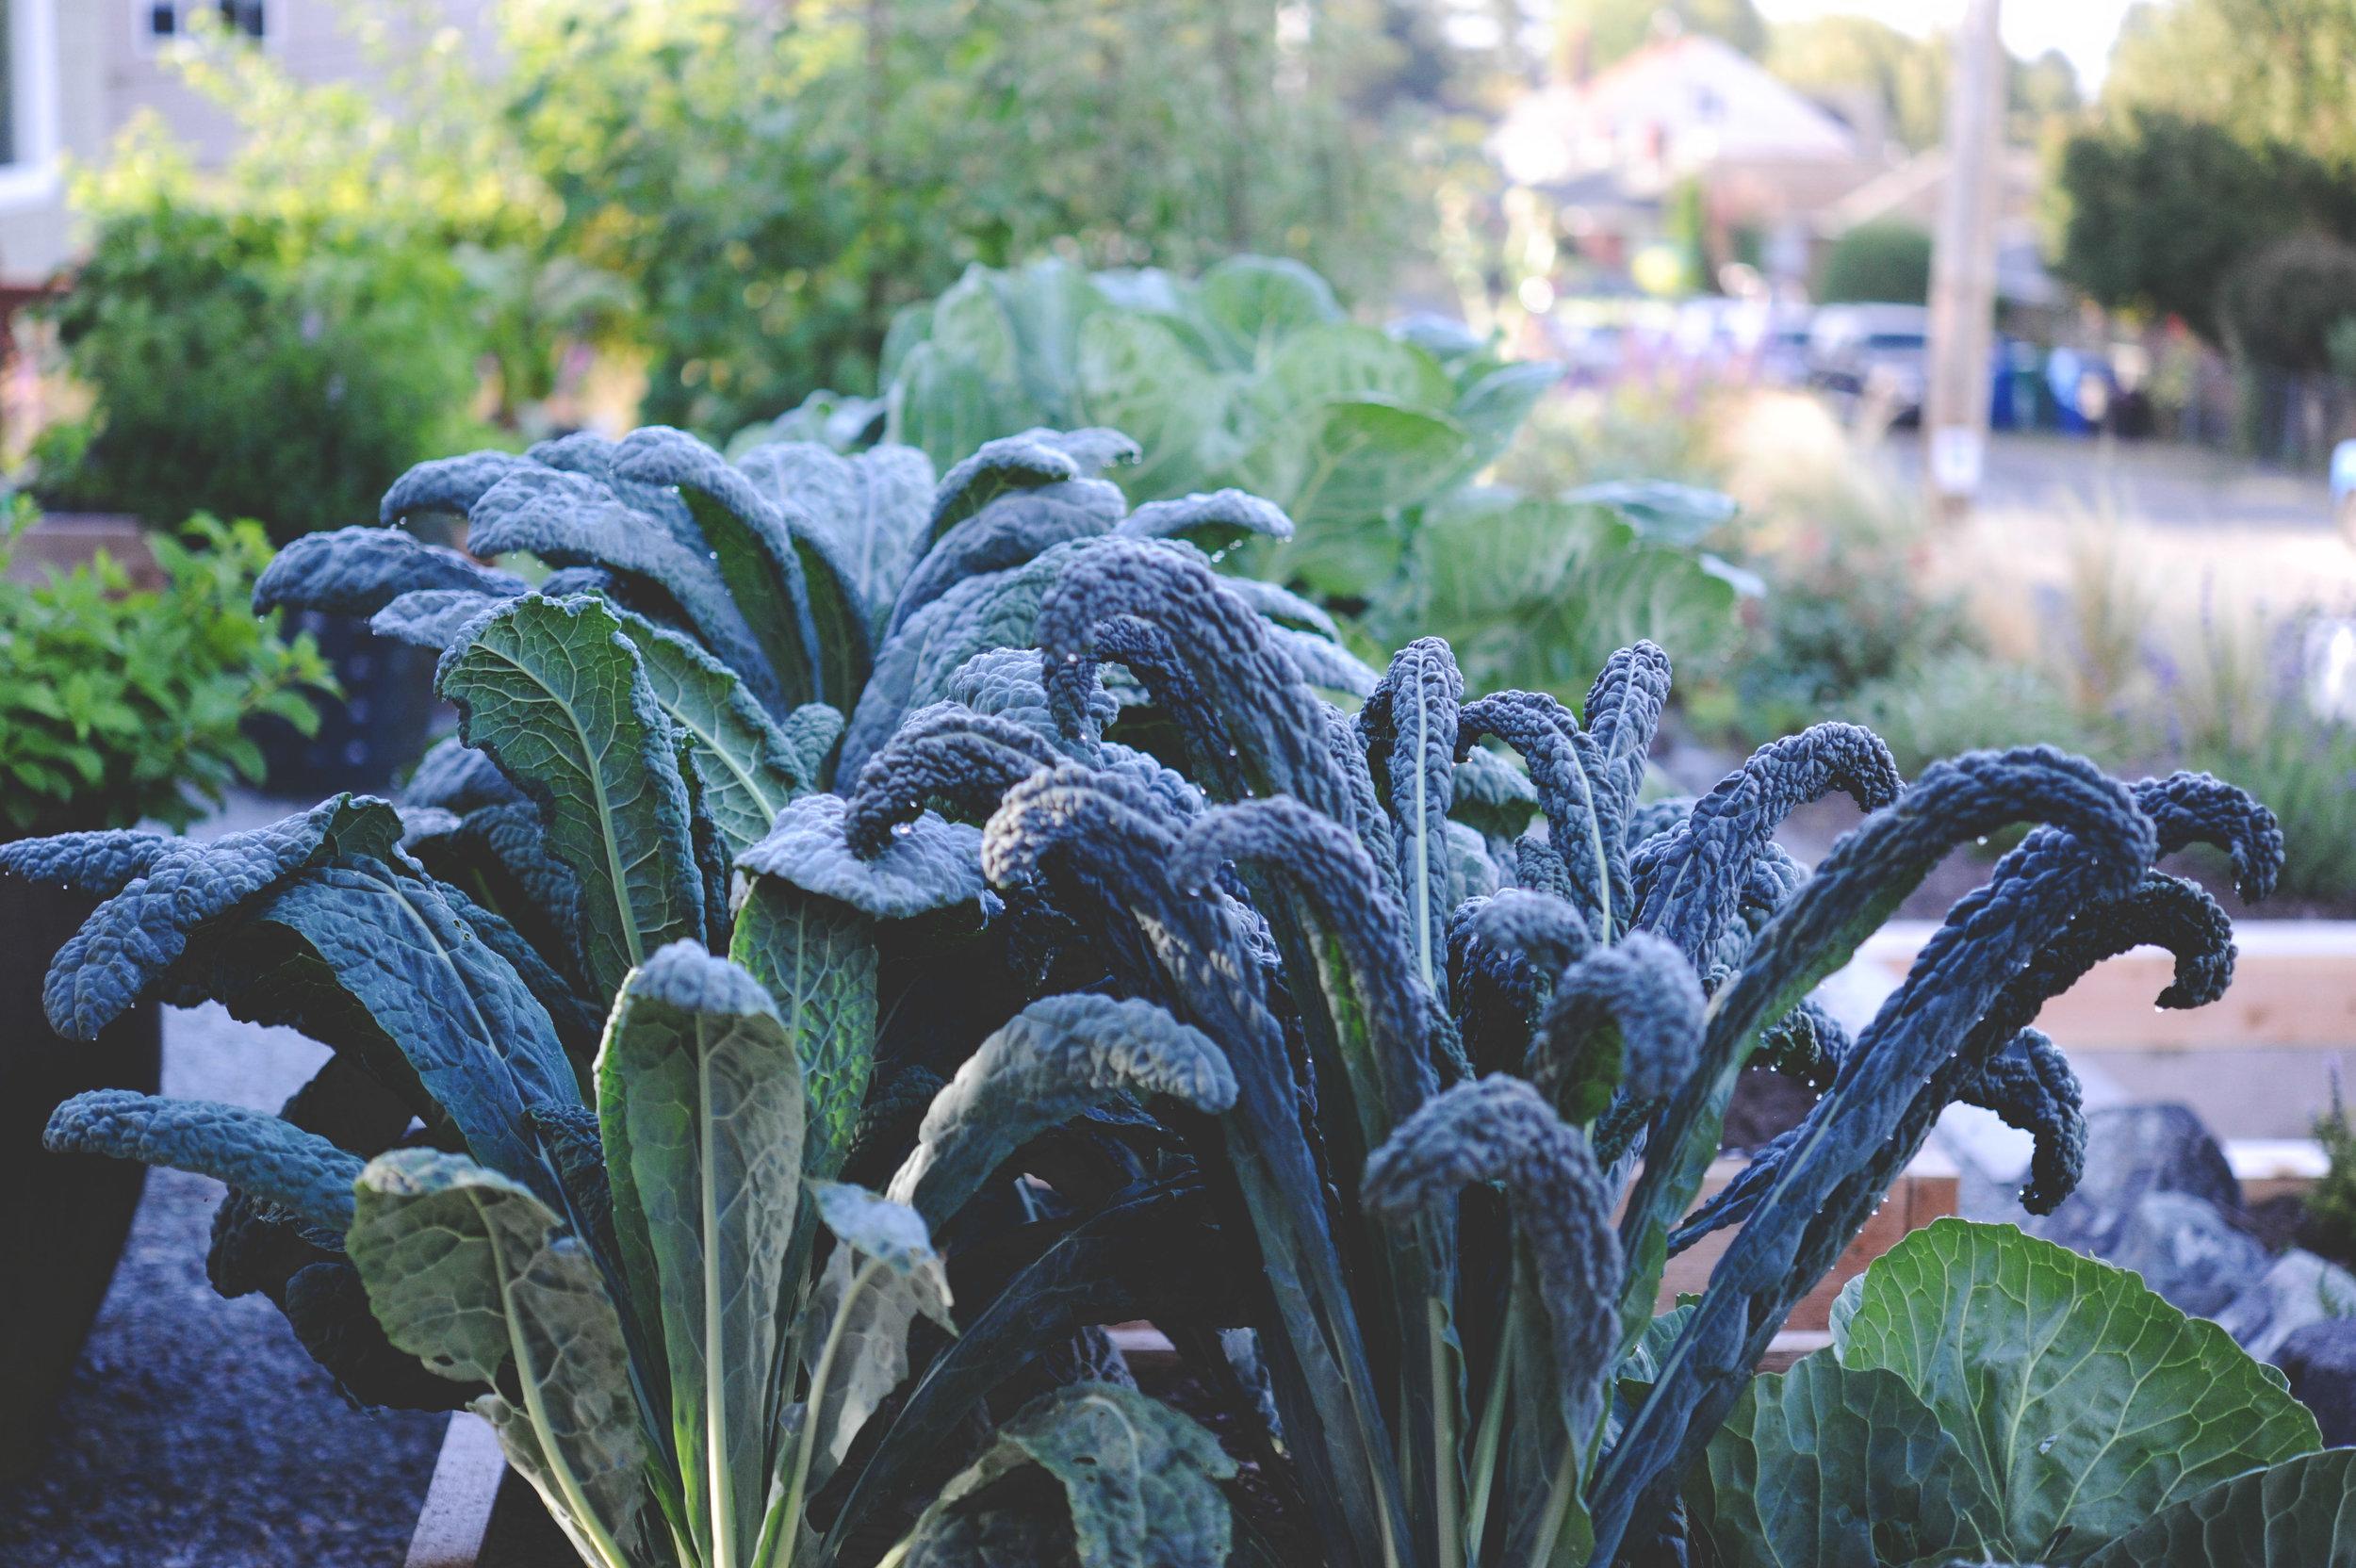 Kale_Seattle Urban Farm Co.